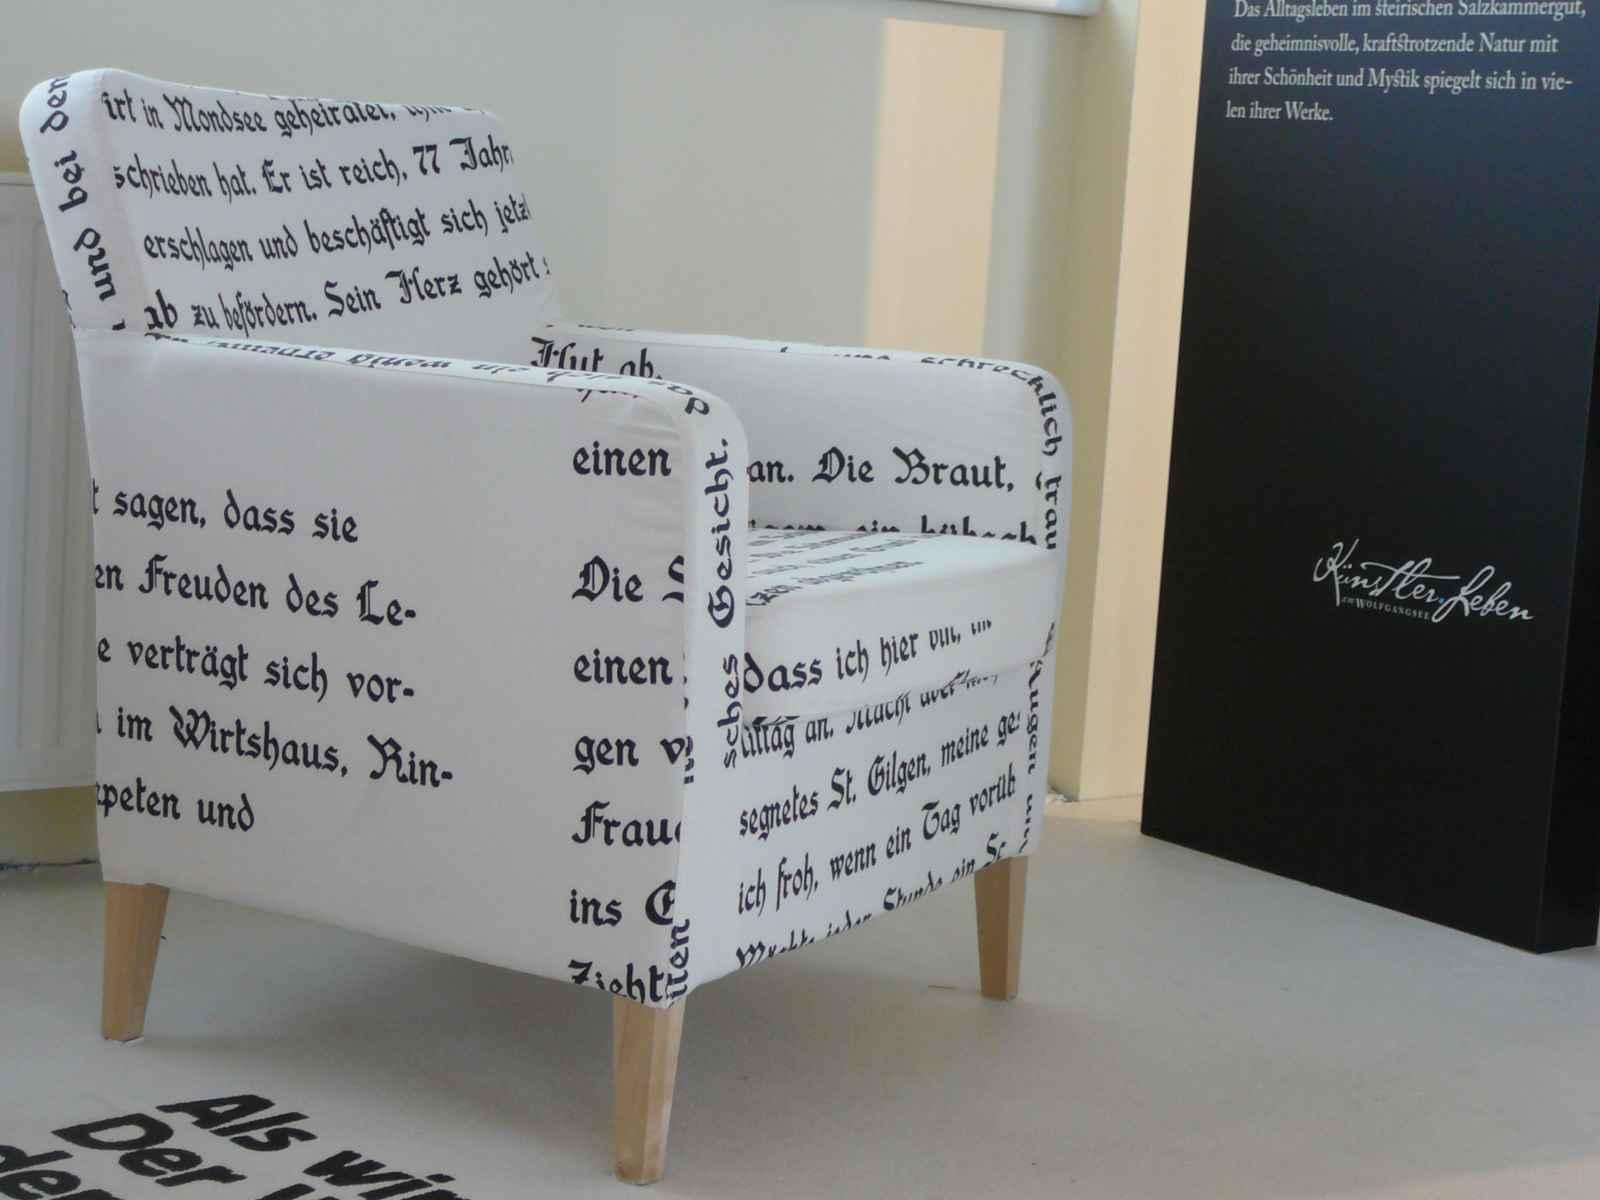 Fauteuil mit Text bedruckt